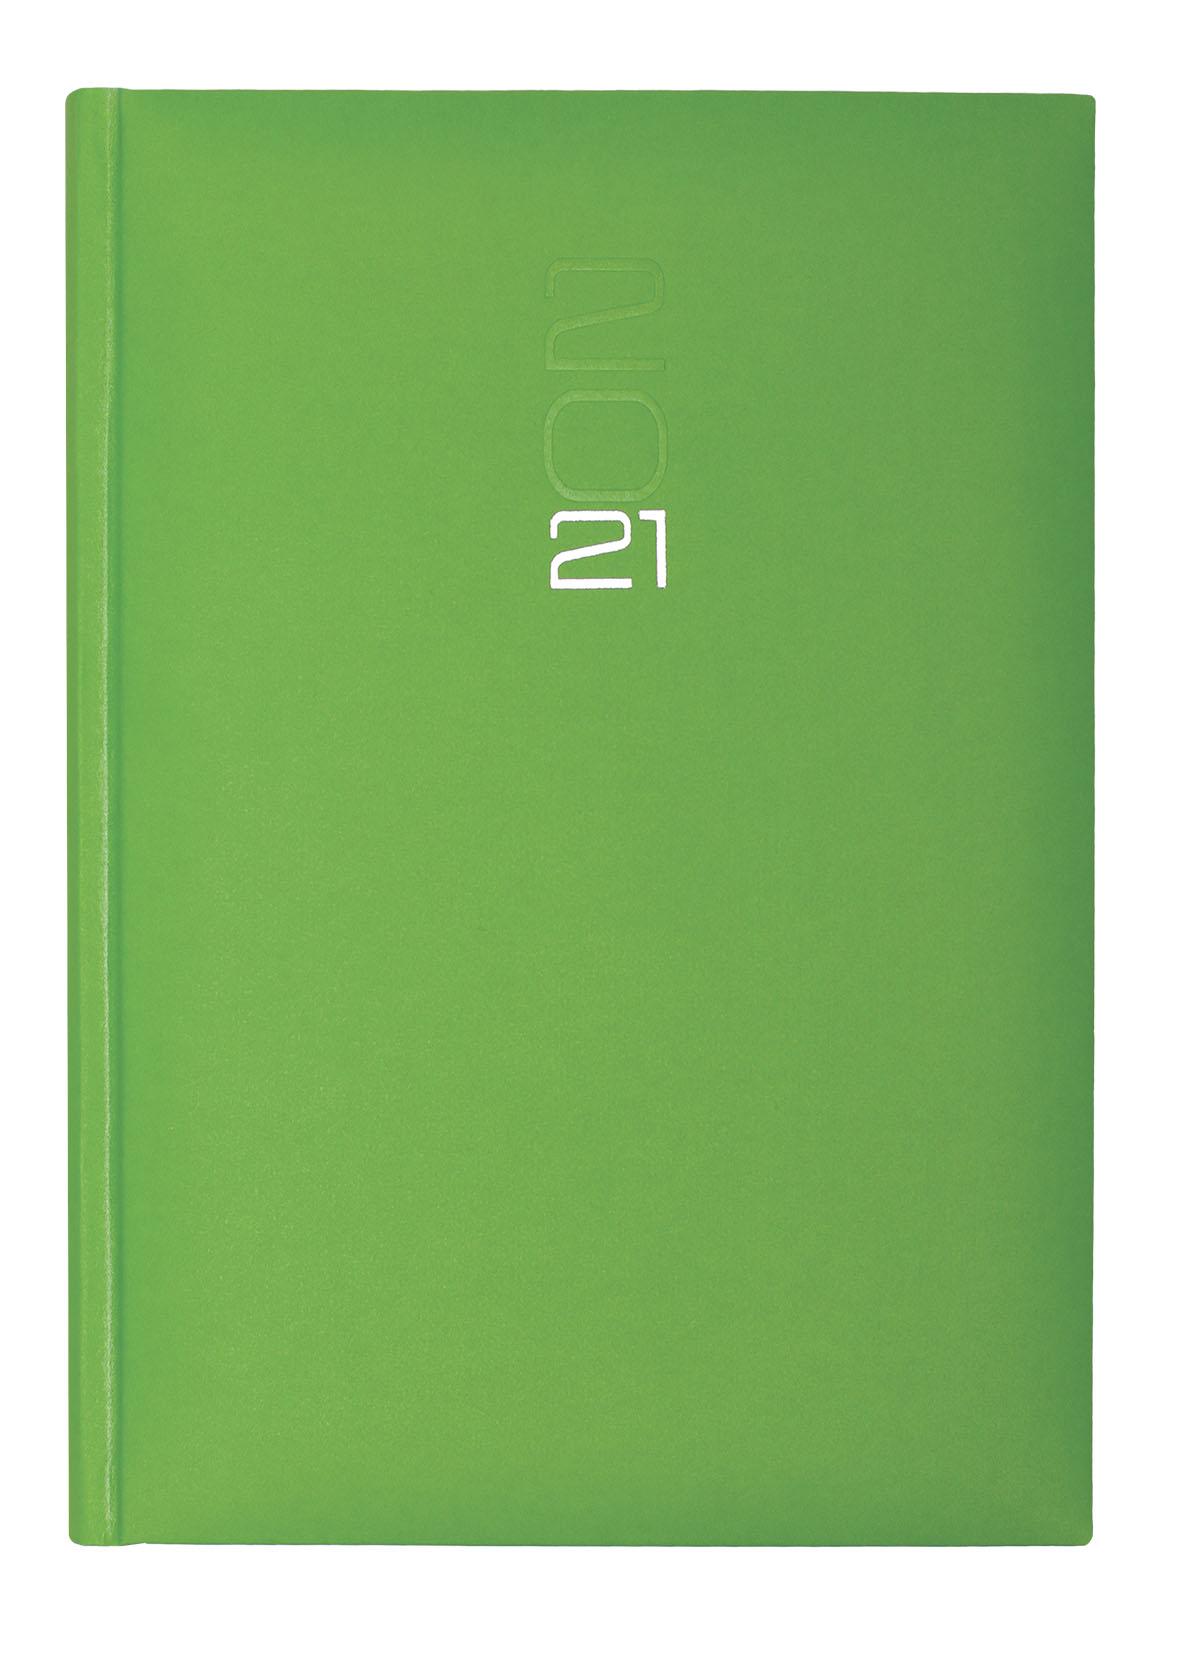 E11-Agenda Dia / 04-Matra / 724-Verde